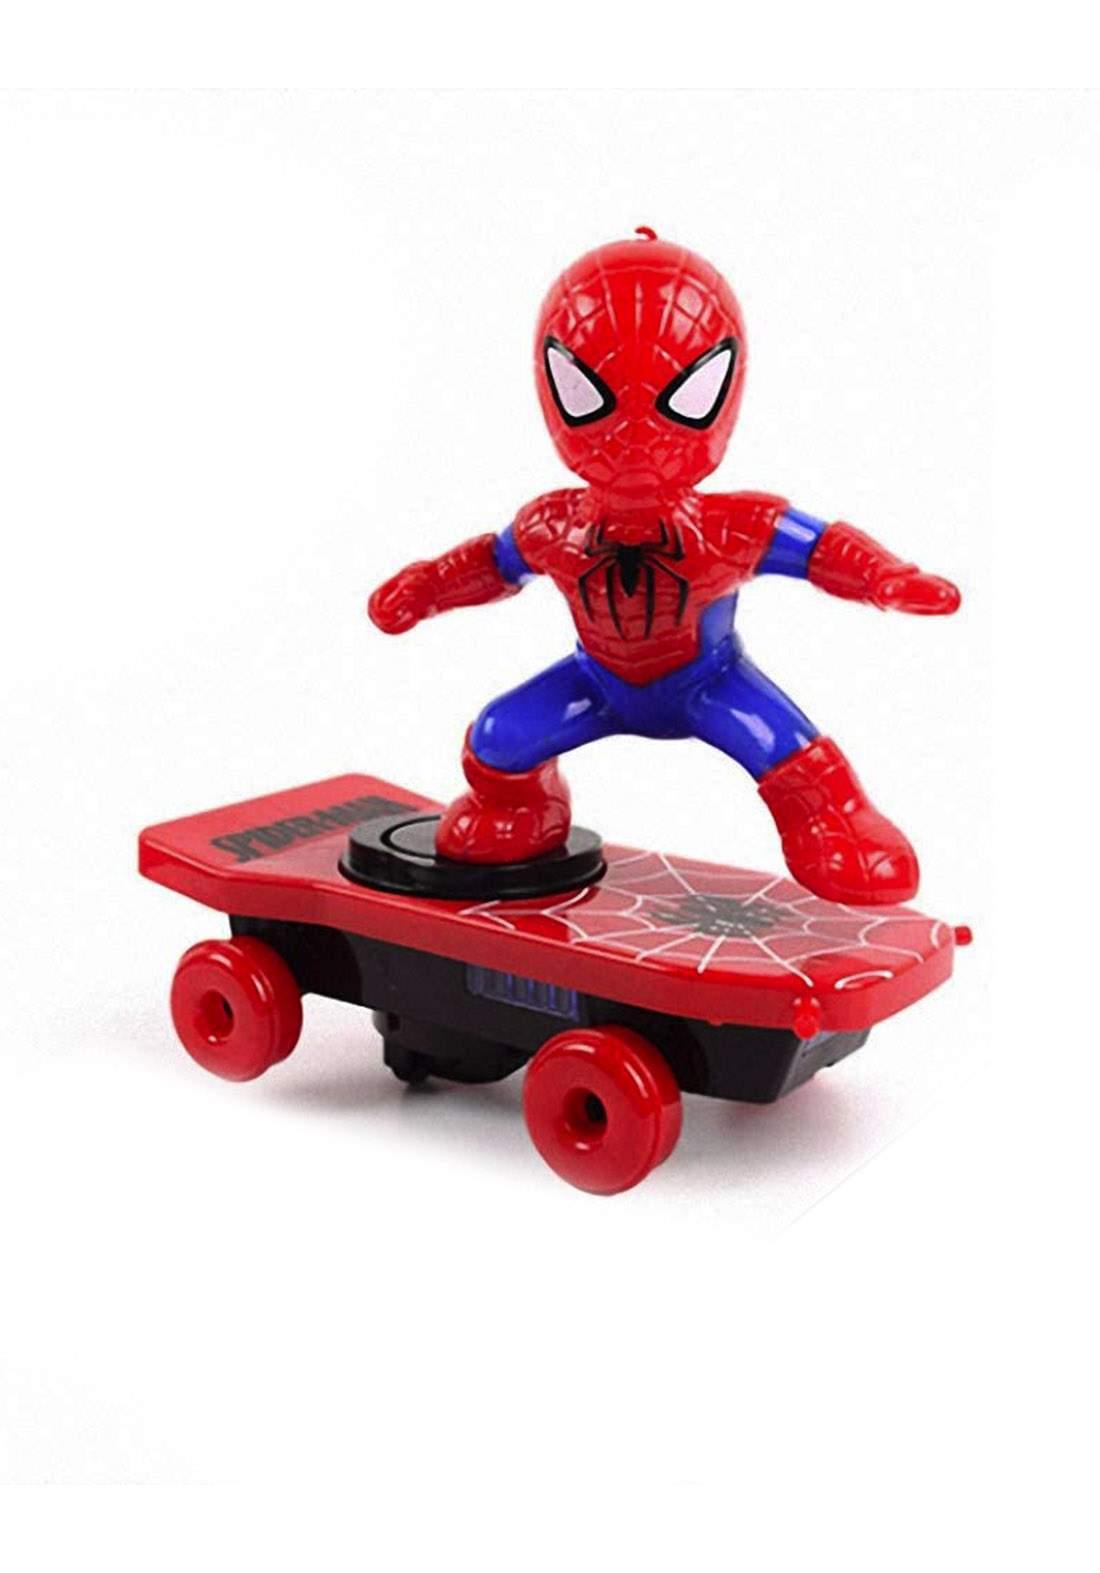 Marvel Spider Man Toy With Skateboard لعبة رجل العنكبوت للأطفال